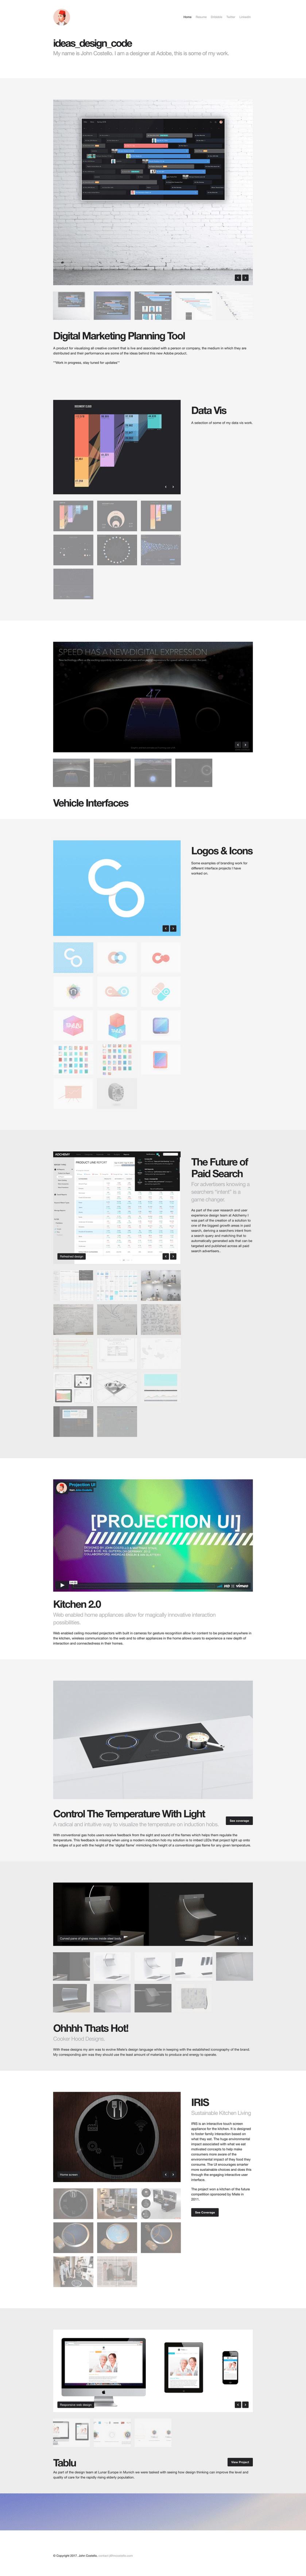 1*SQB9iFpzzVxfP2J1OJDwXw 8 Fabulous Portfolio Websites from Adobe Product Designers Design Random